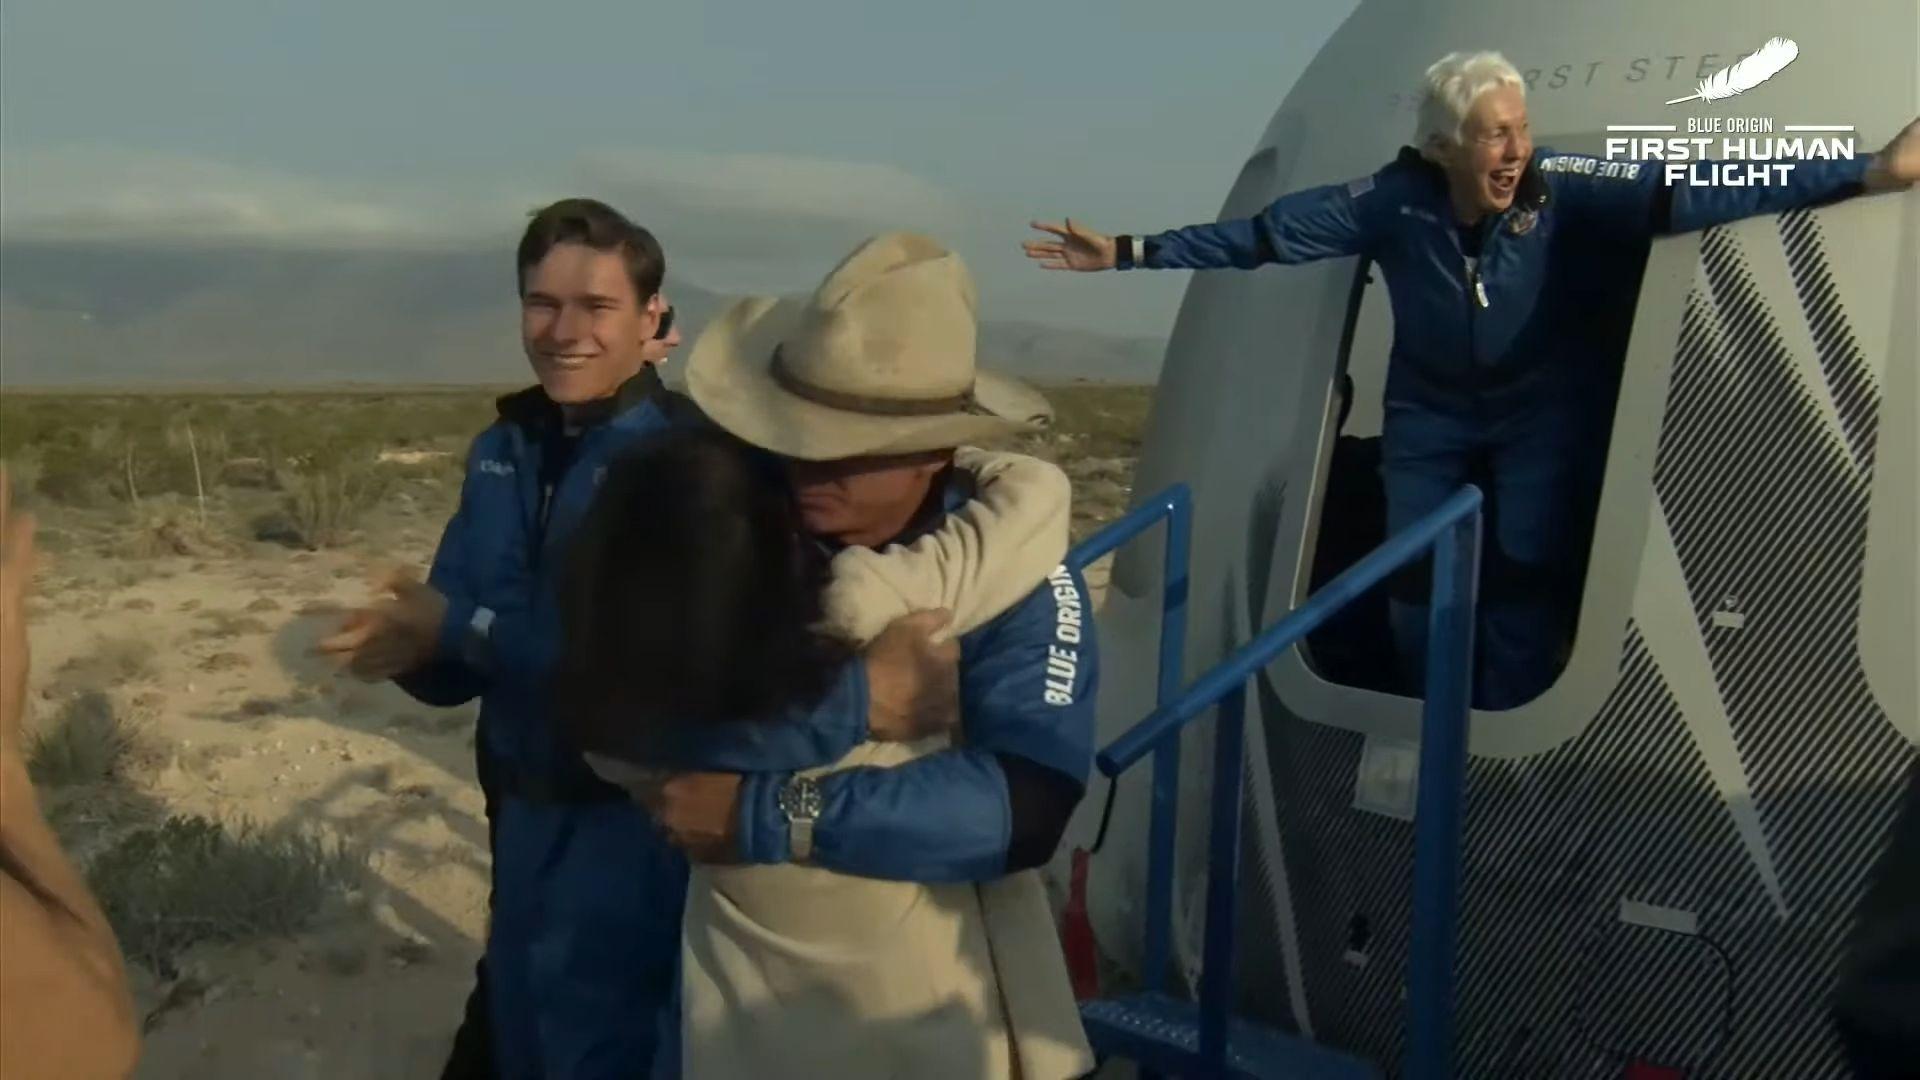 Миллиардер Джефф Безос впервые слетал в космос: смотрите, как это было (ФОТО+ВИДЕО) - фото №2